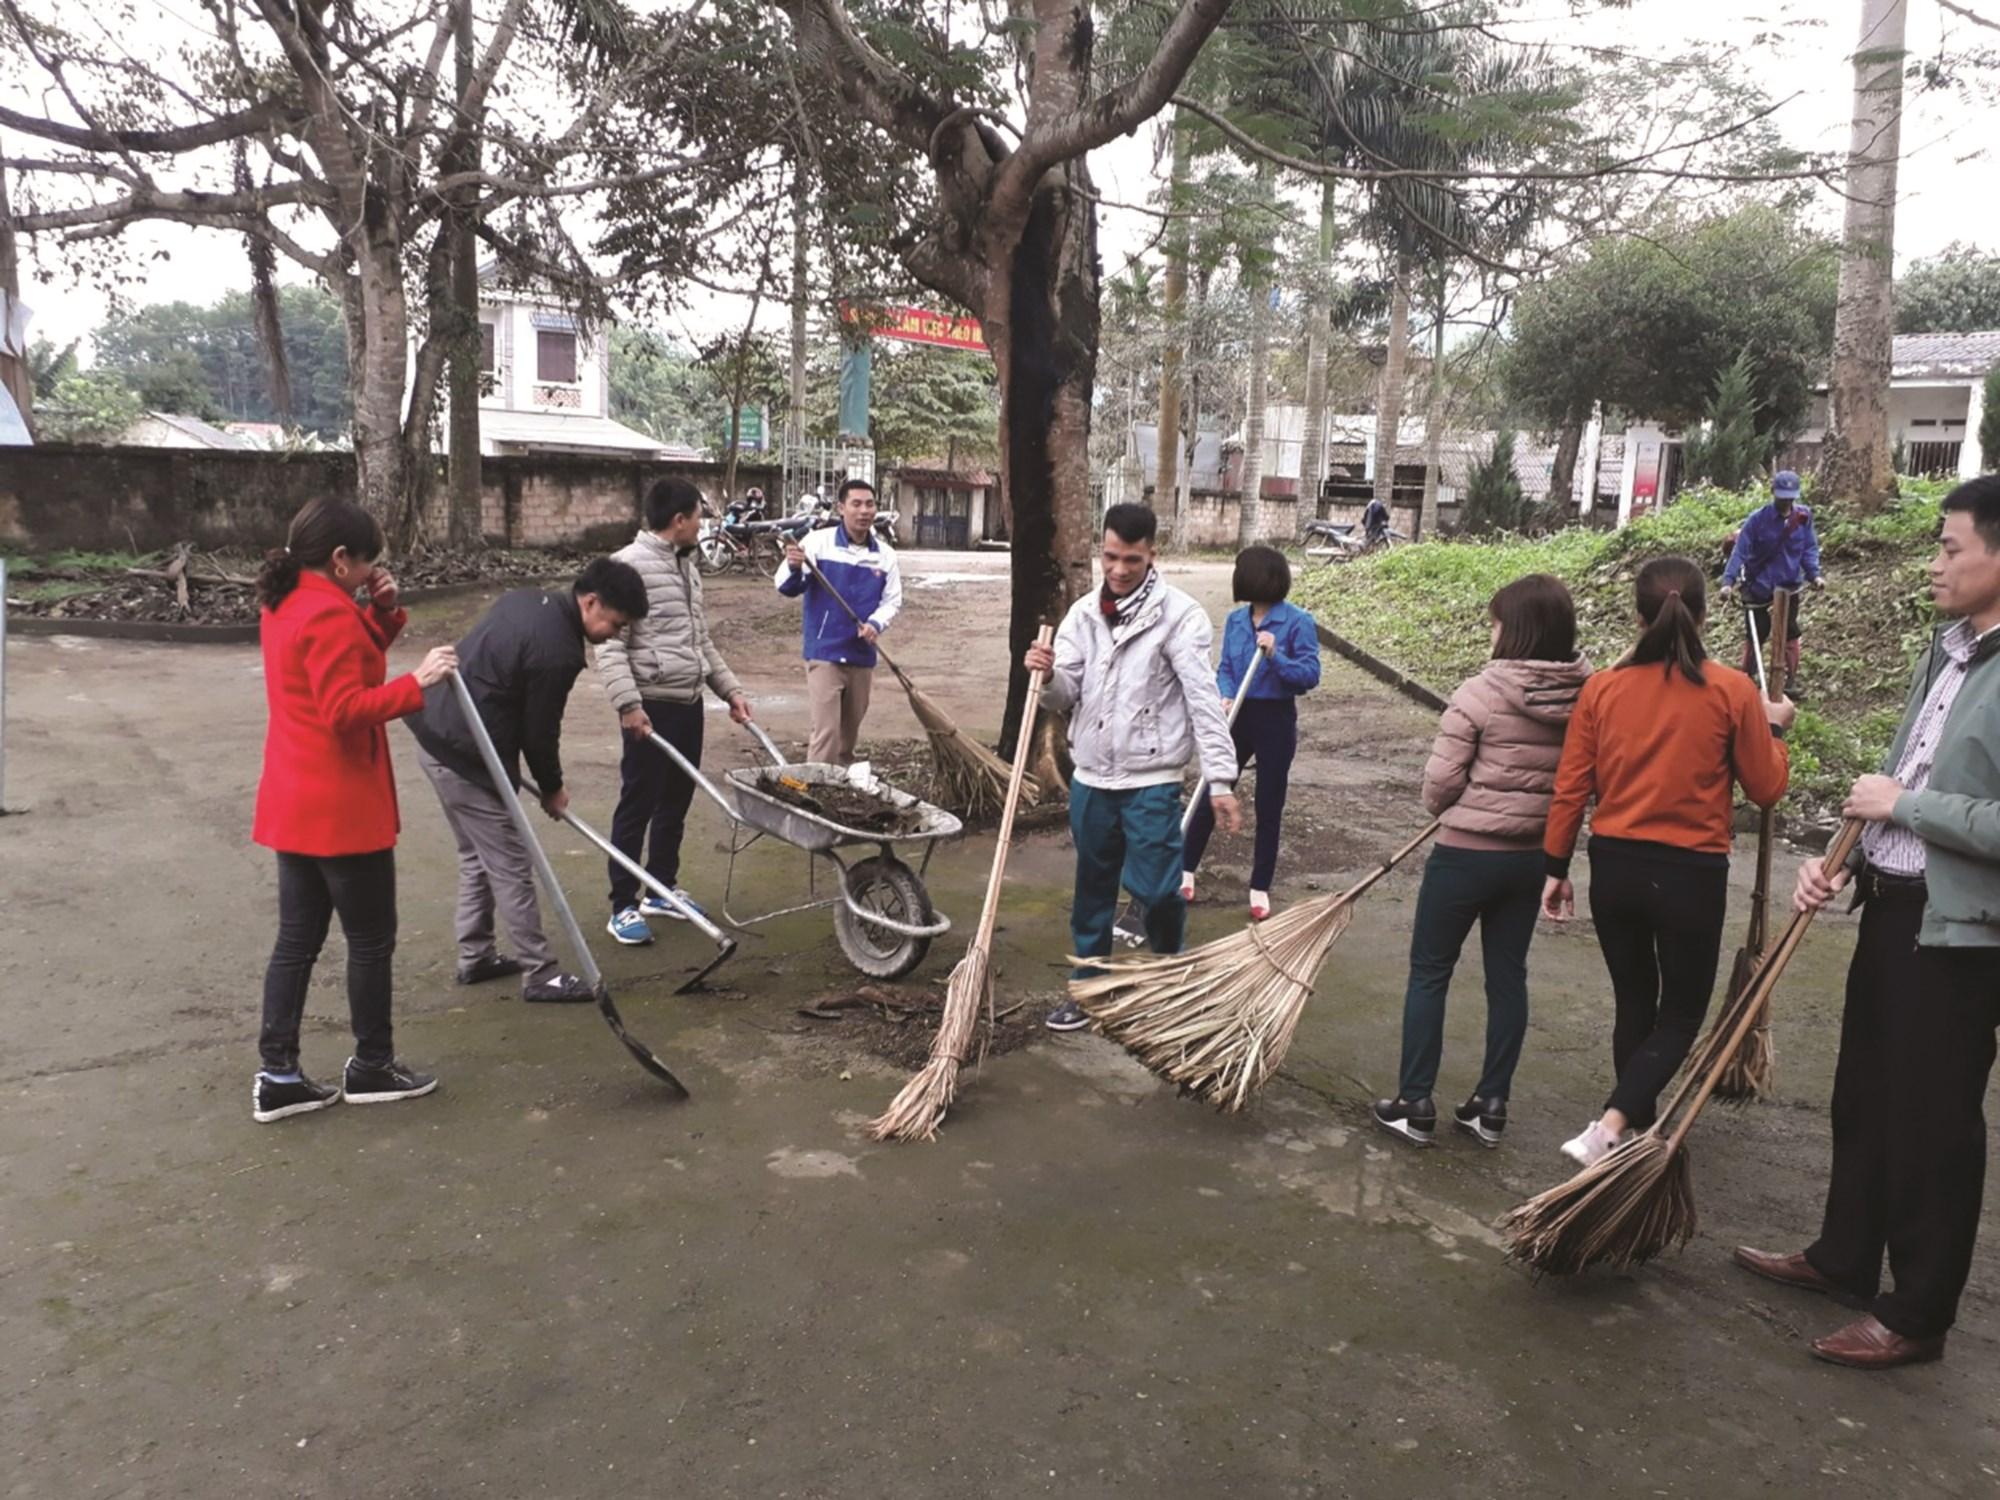 Thanh niên DTTS xã Đồng Lạc, huyện Yên Lập (Phú Thọ) tham gia hoạt động vì cộng đồng.